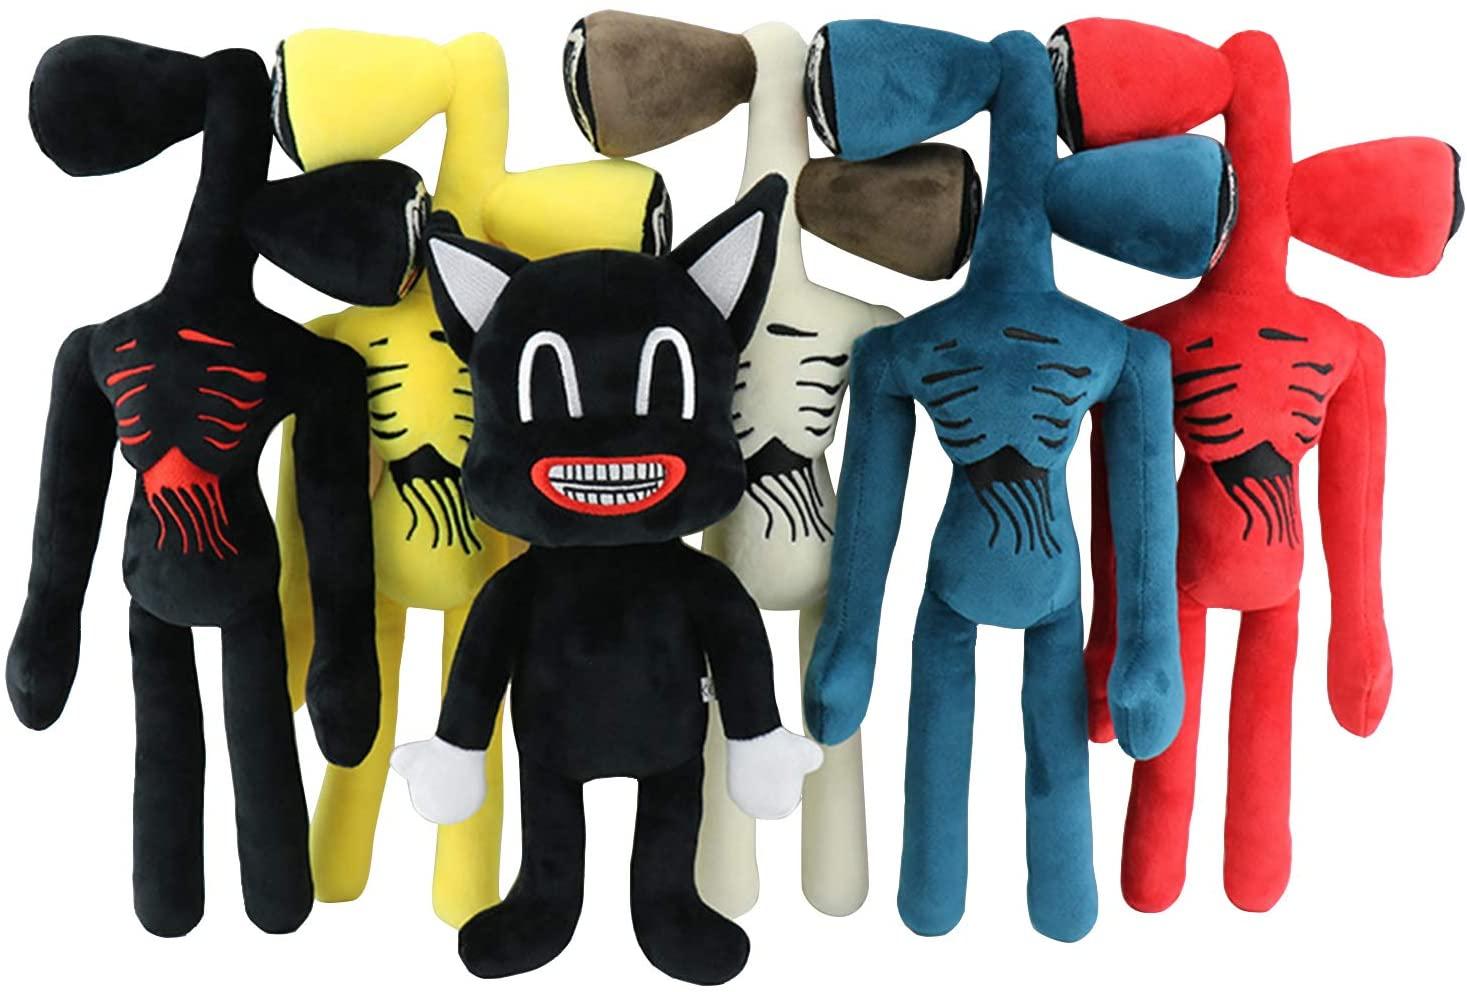 Плюшевая игрушка в виде черного мультяшного кота с головой сирены, плюшевые игрушки, мягкие игрушки-животные, кукла, ужас, плюшевые игрушки ...